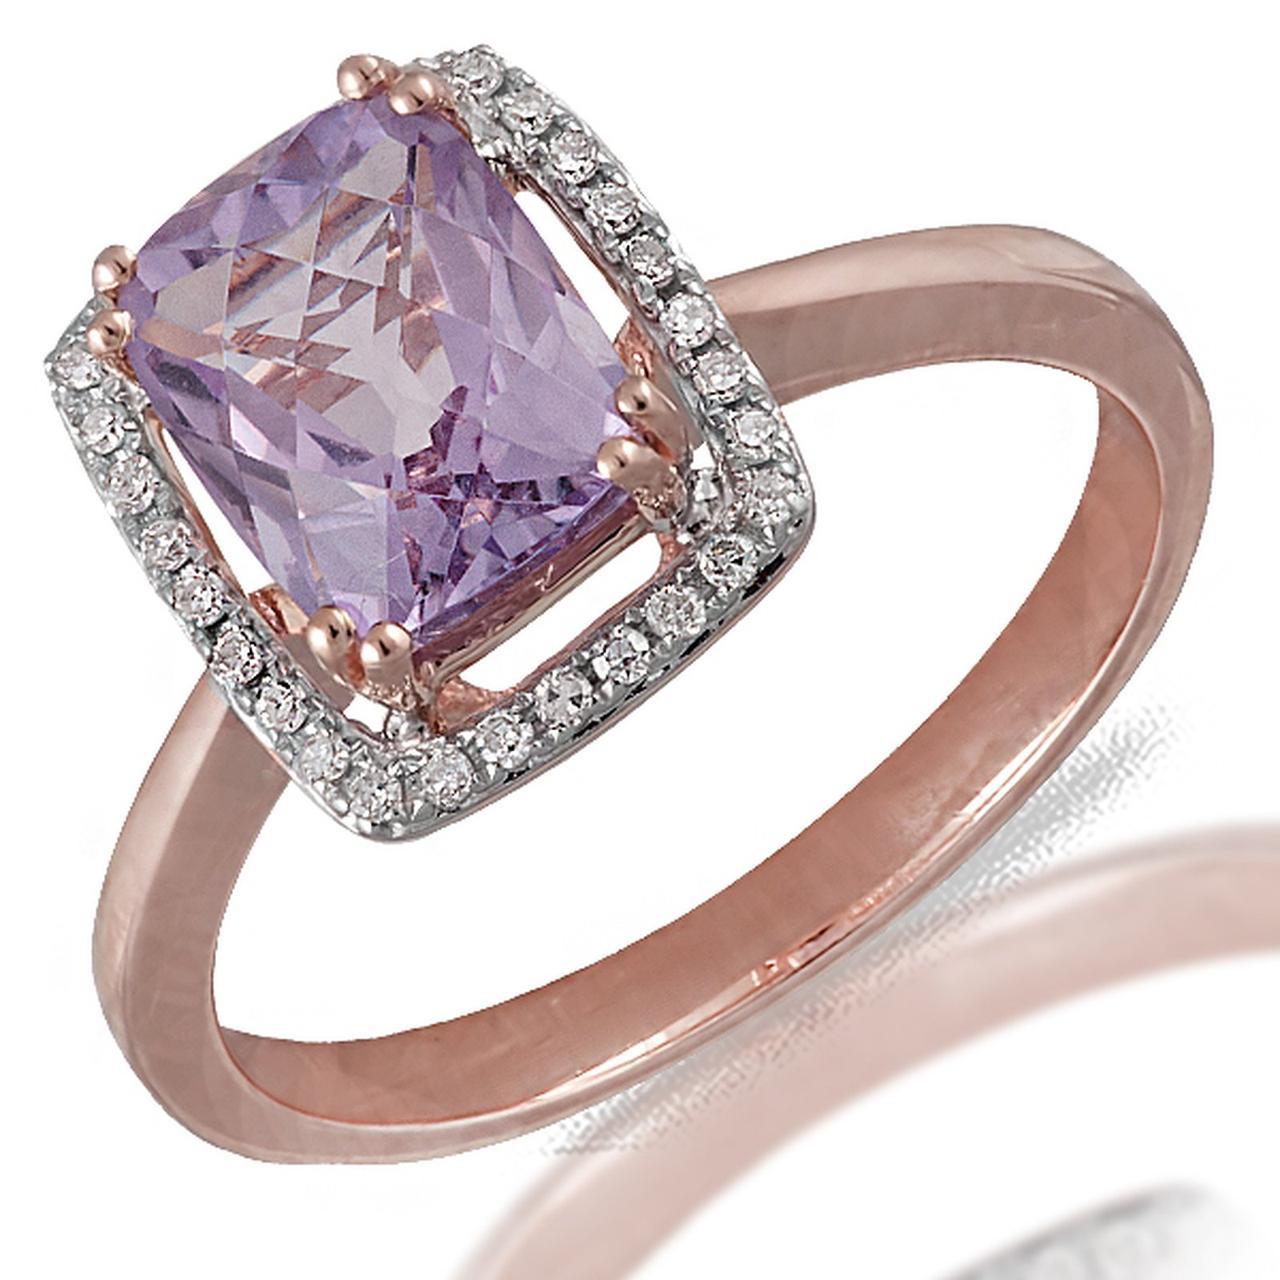 Золотое кольцо с аметистом и бриллиантами, размер 17 (056942)